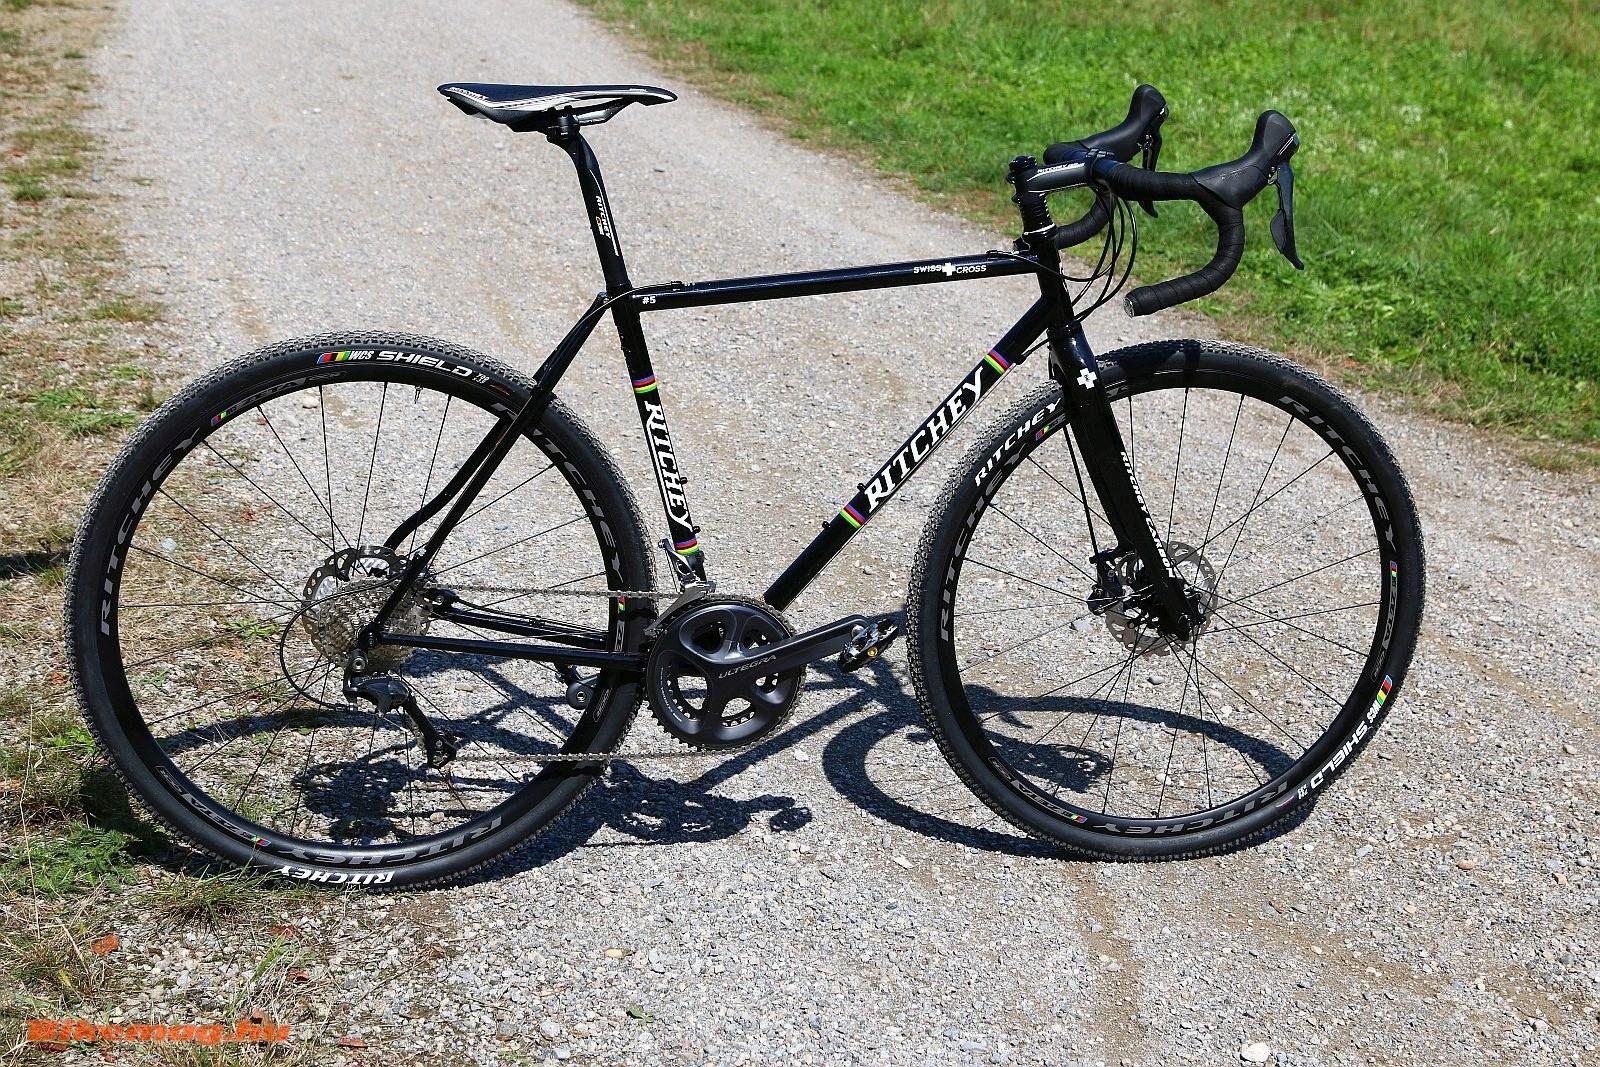 A Ritchey Swiss Cross-ról nehéz megmondani, hogy cyclocrsoss vagy gravel bike